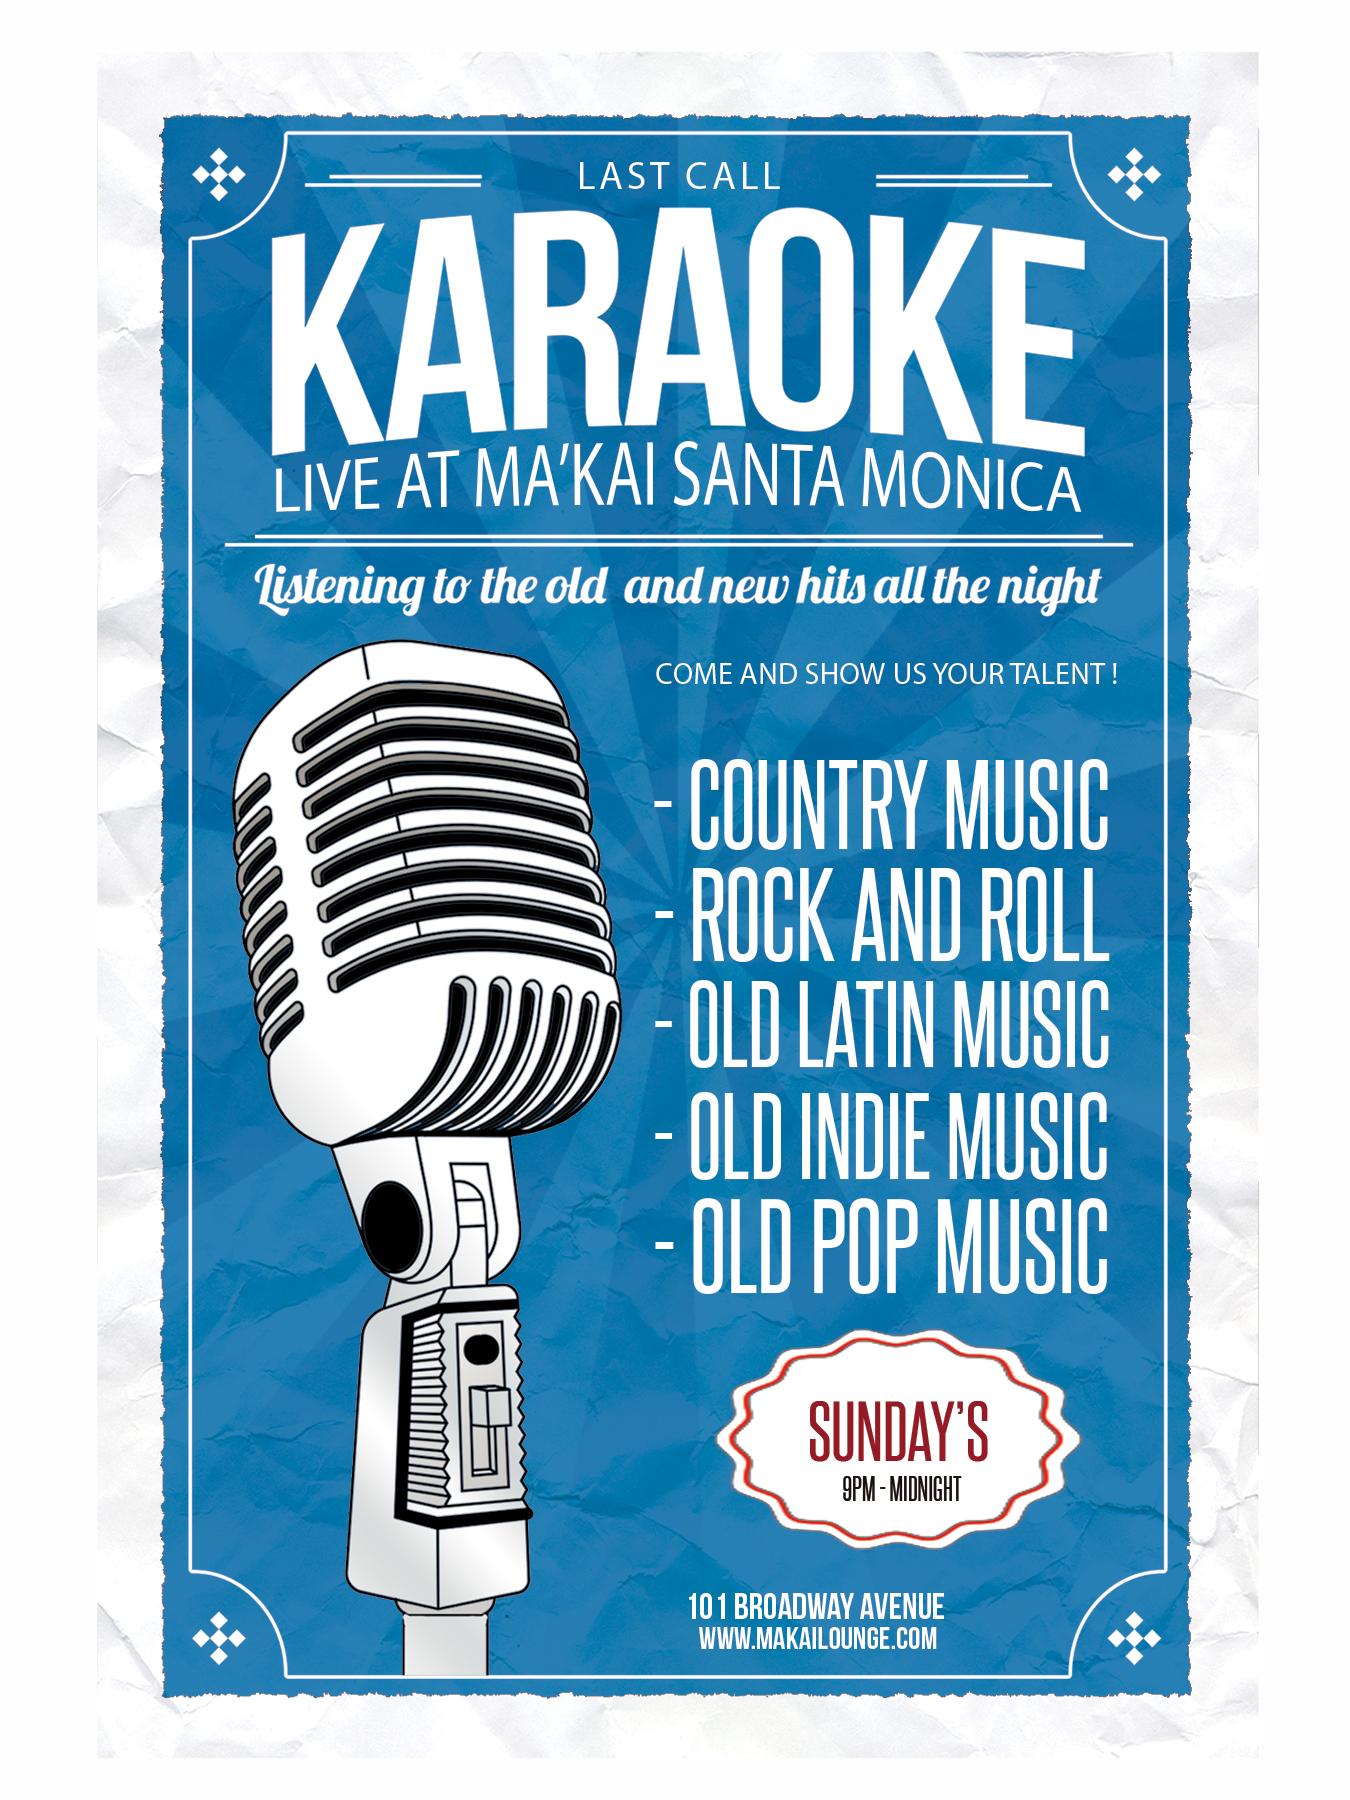 Karaoke_Flyer_6X4.5.jpg